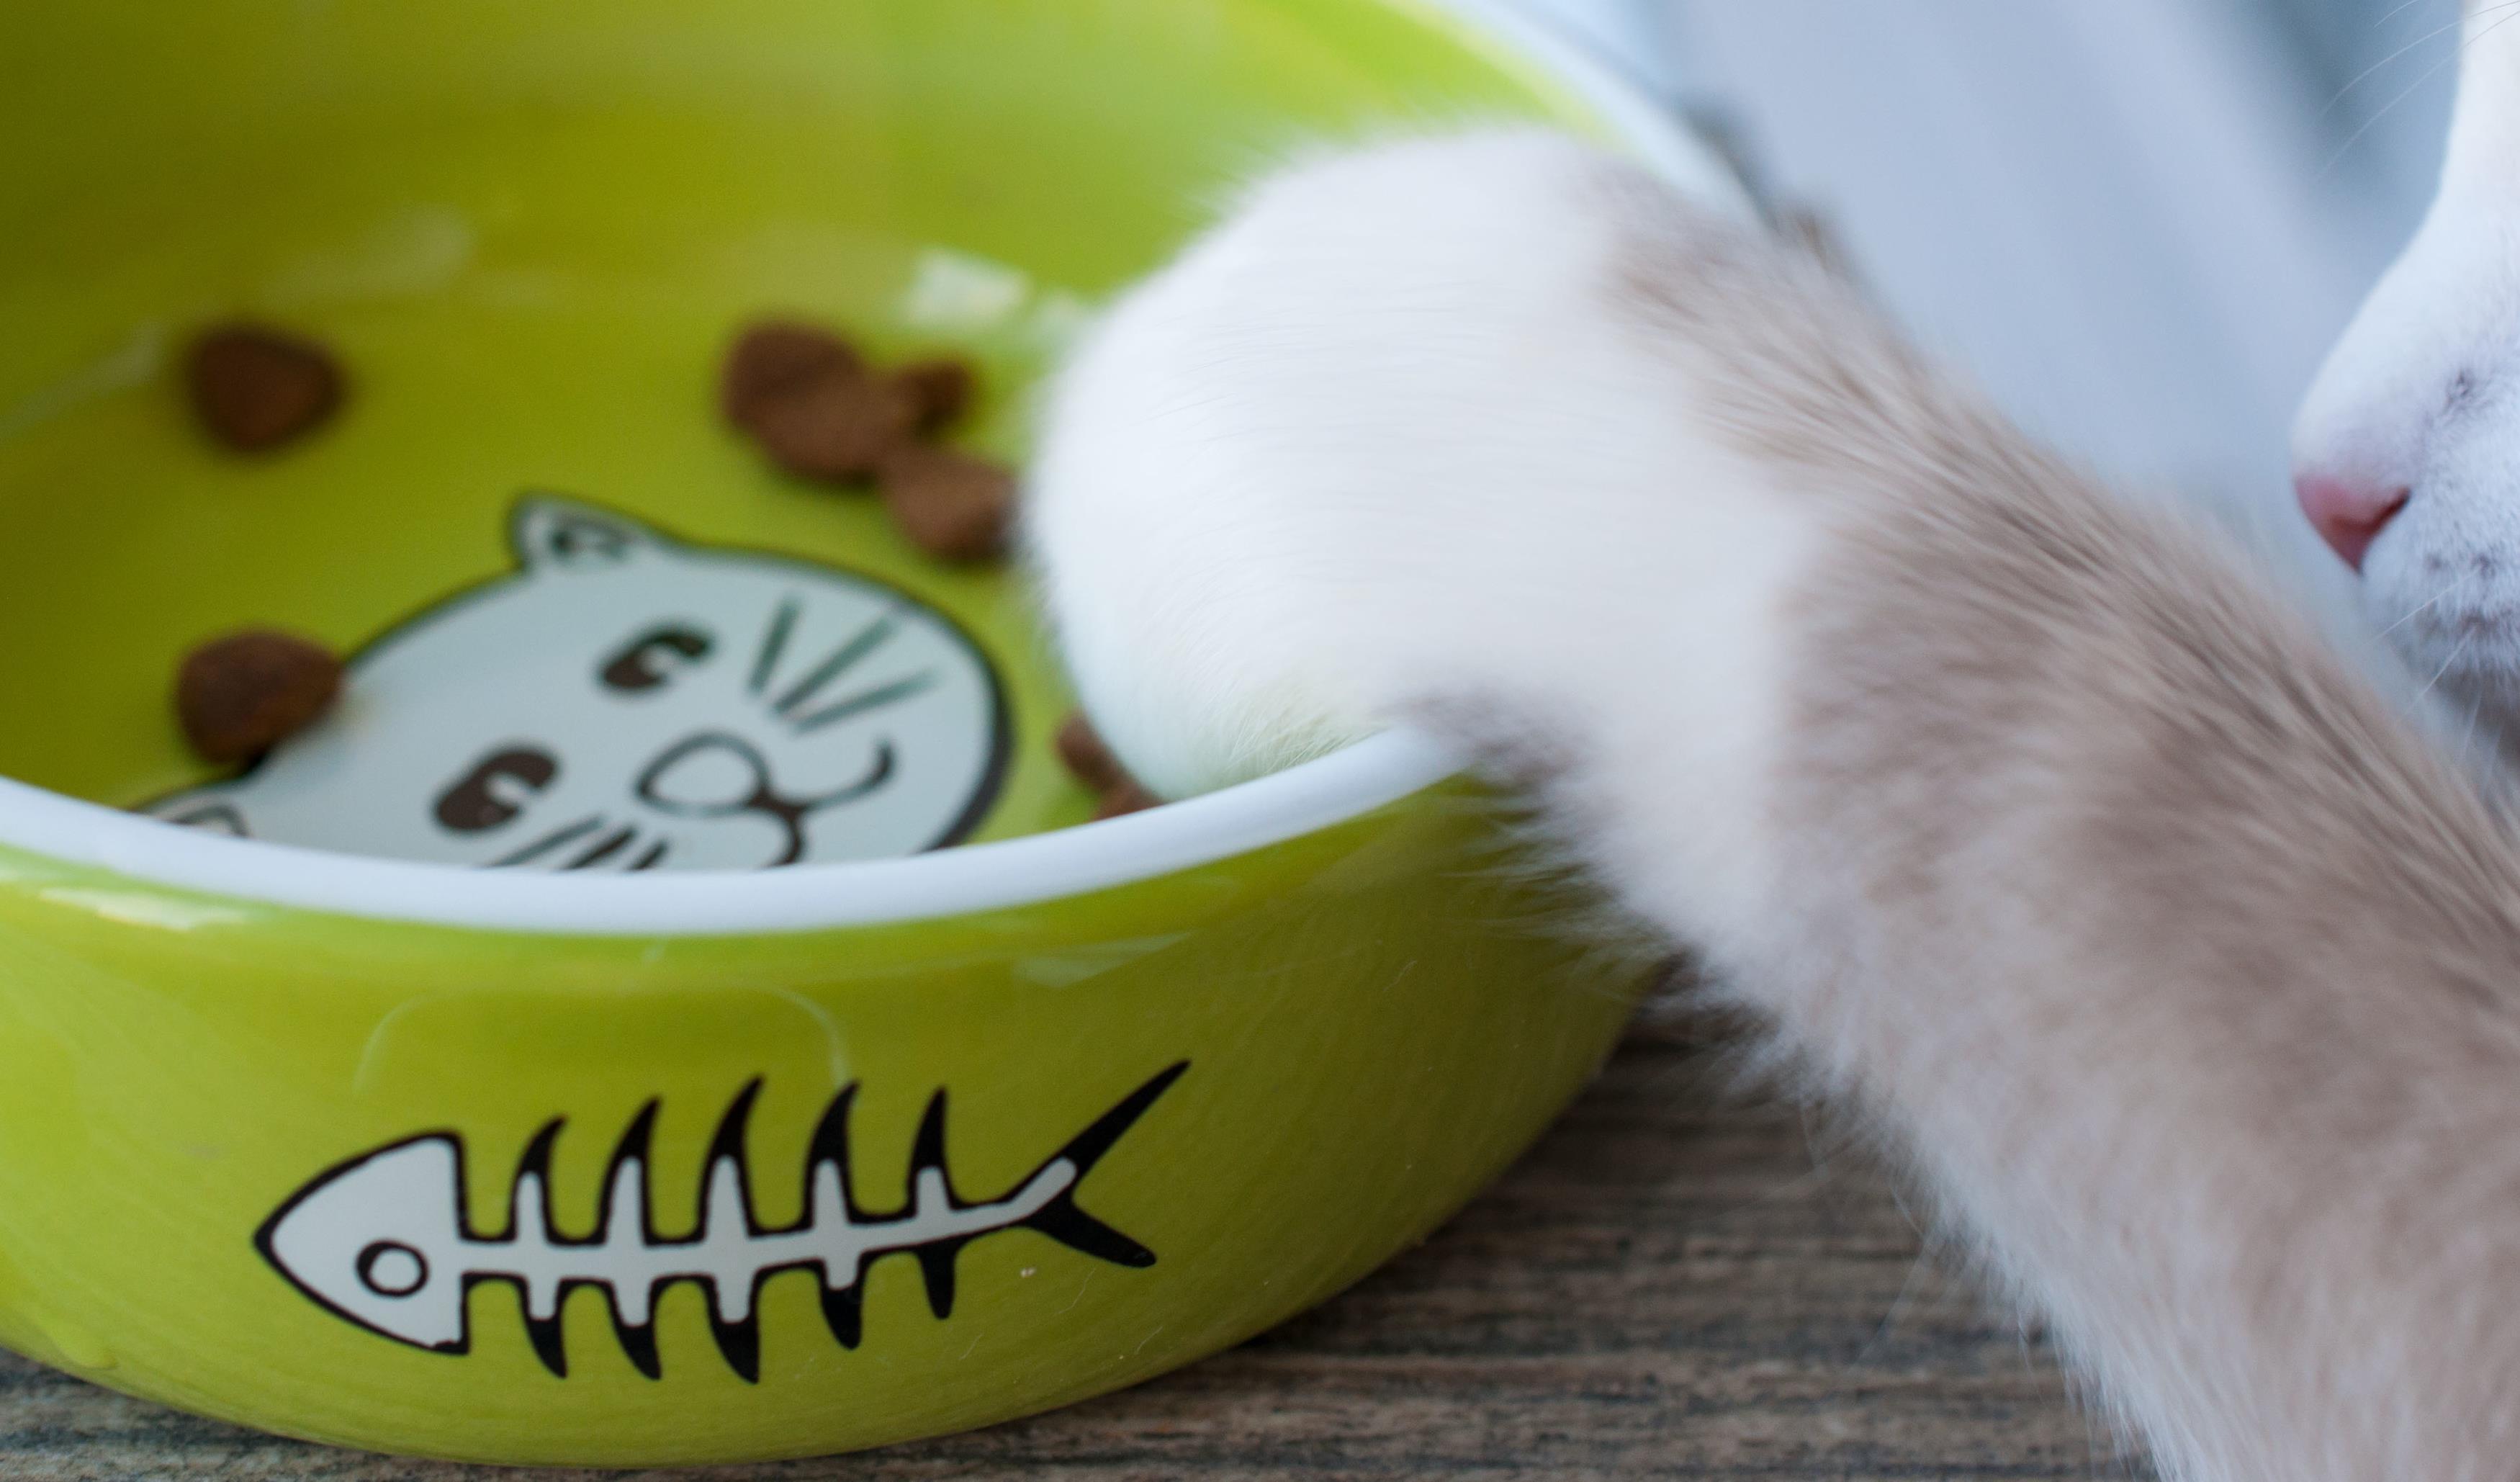 Łapka kotka w misce